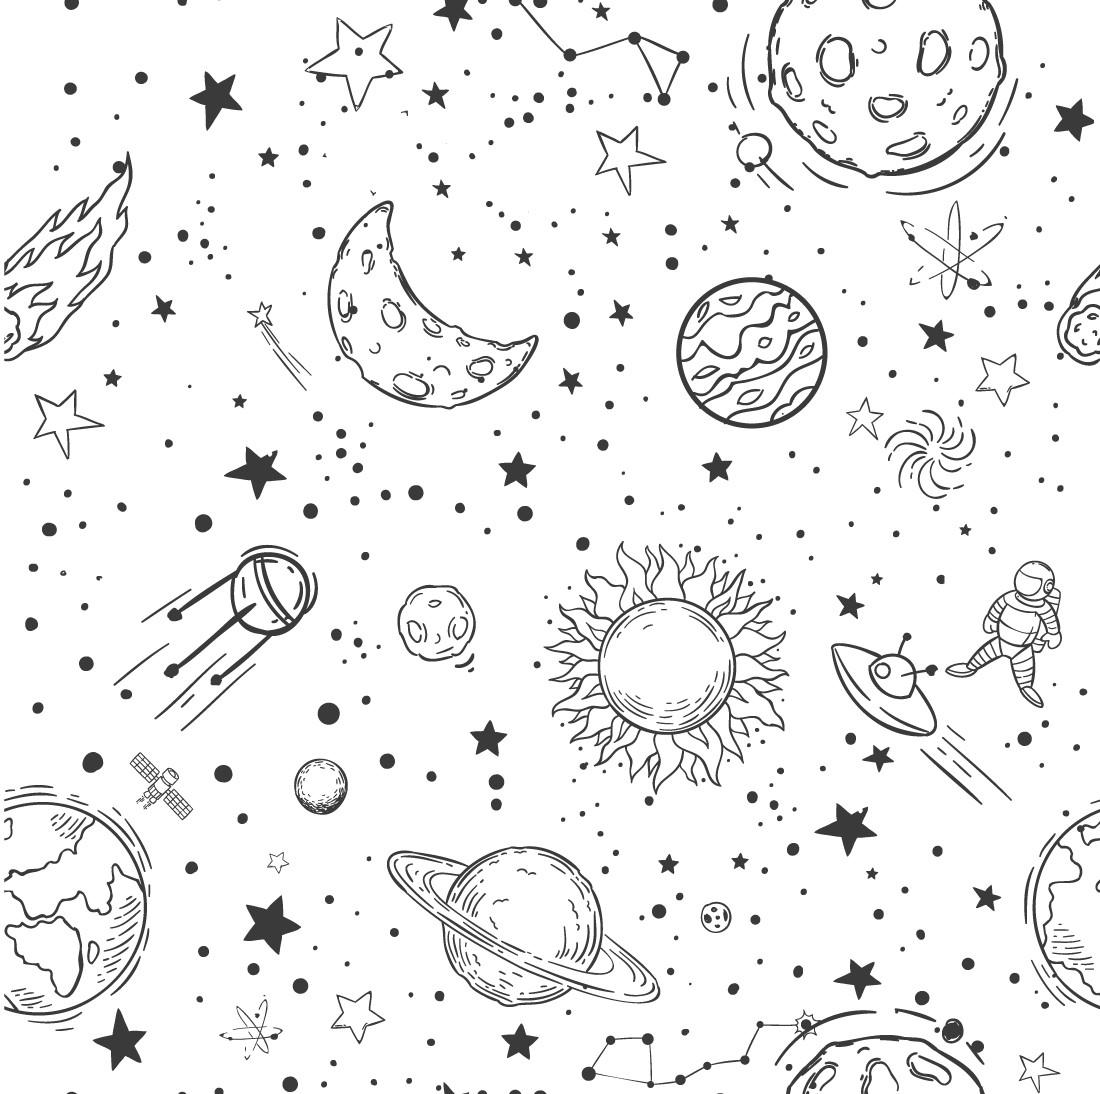 Papel de Parede Desenho Espaço com Planetas